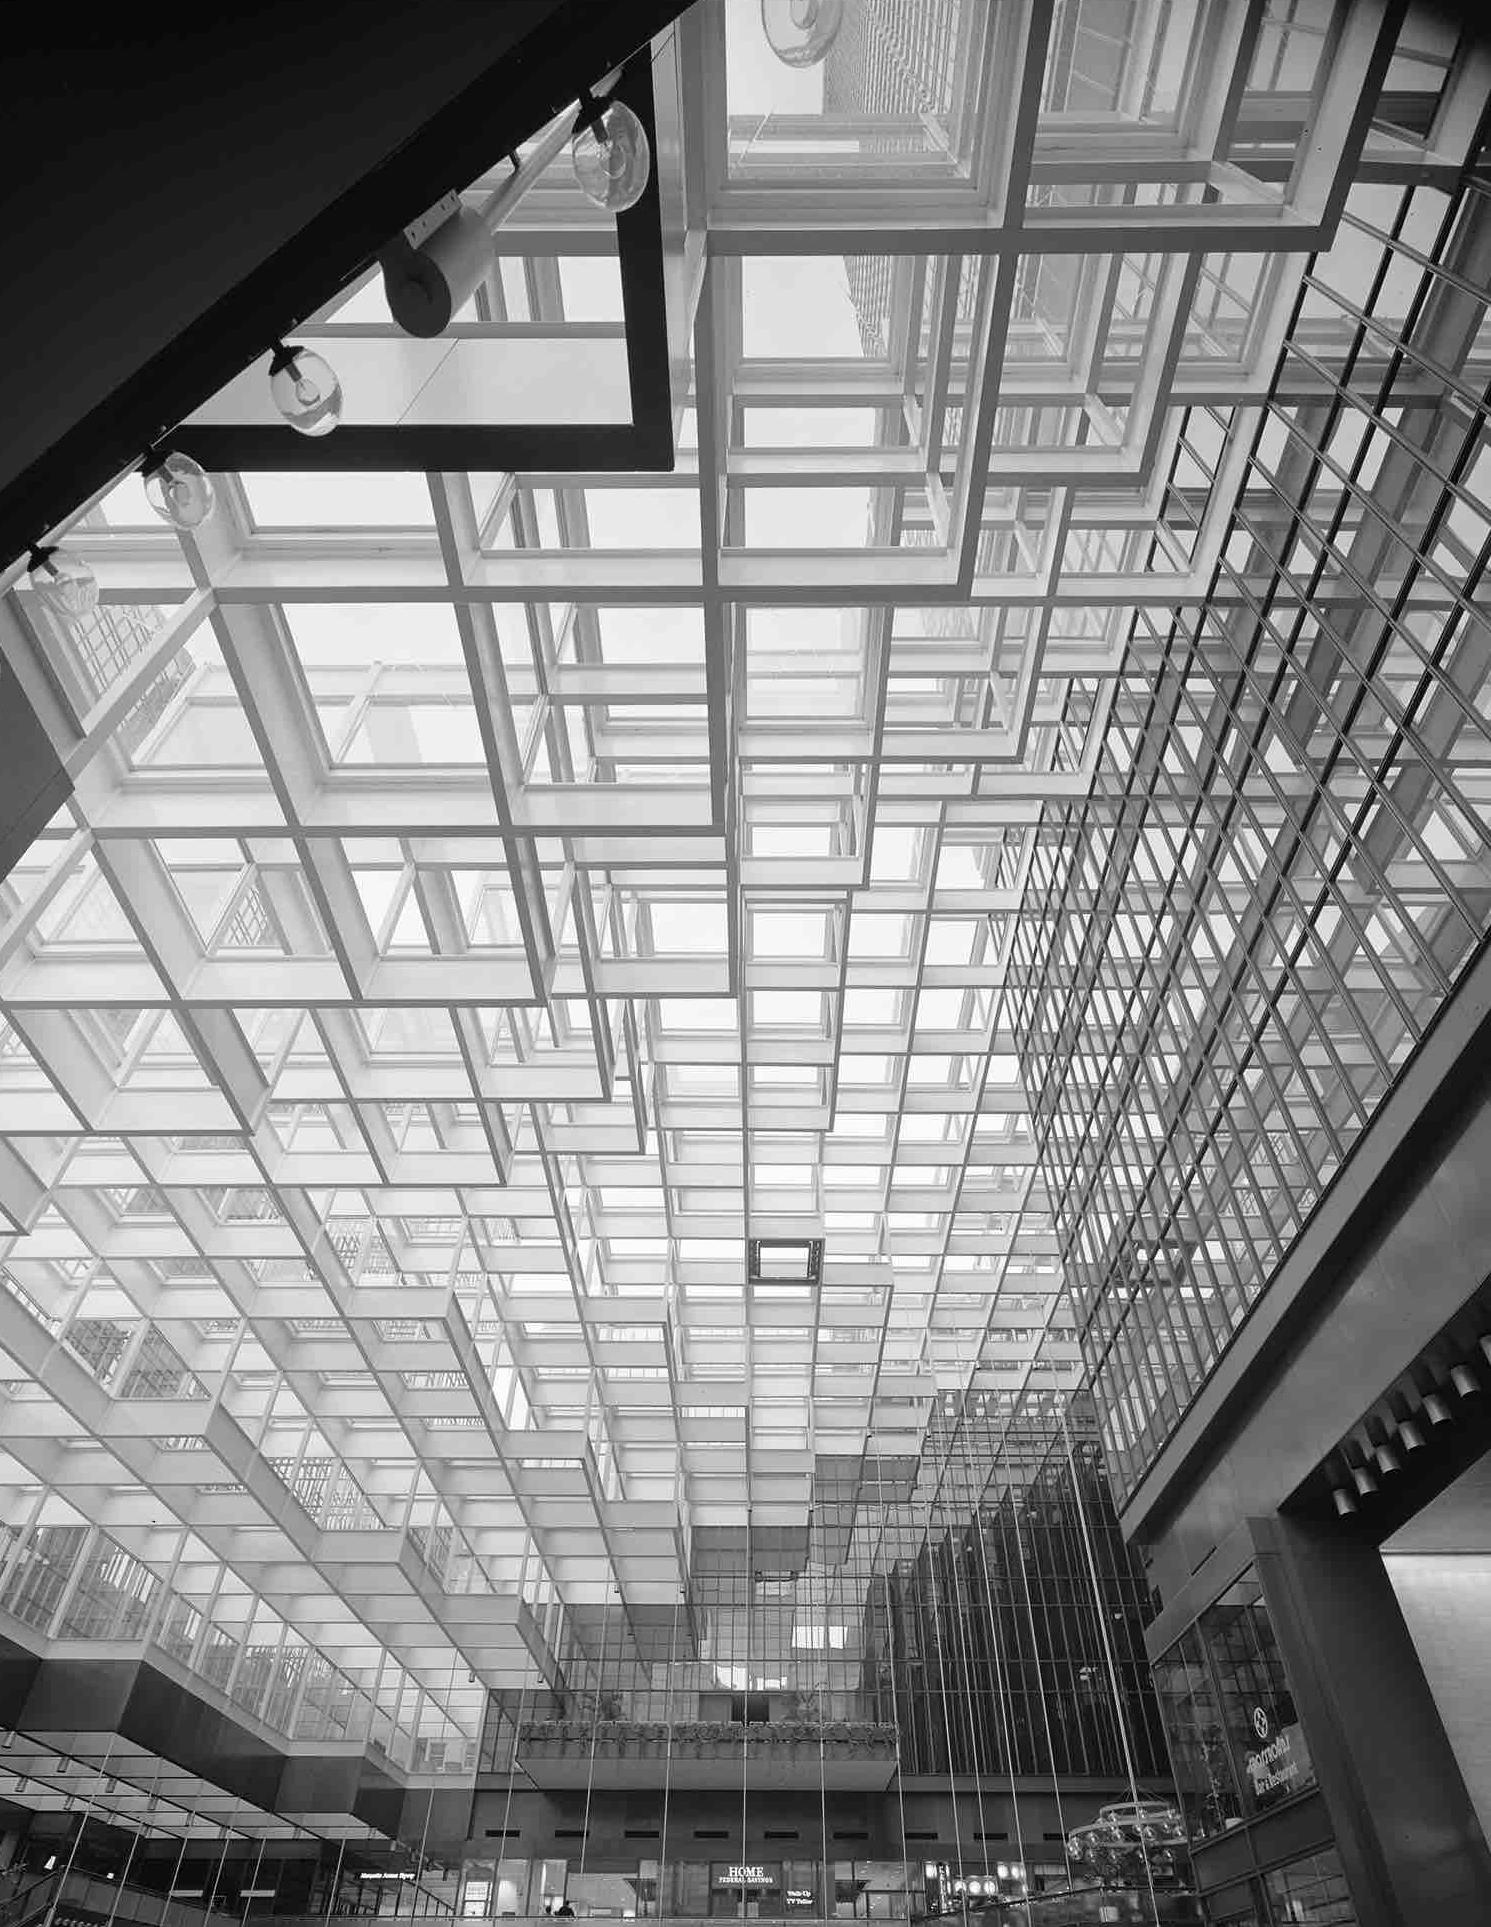 Philip Johnson, IDS Center (Minneapolis, MN) 1972